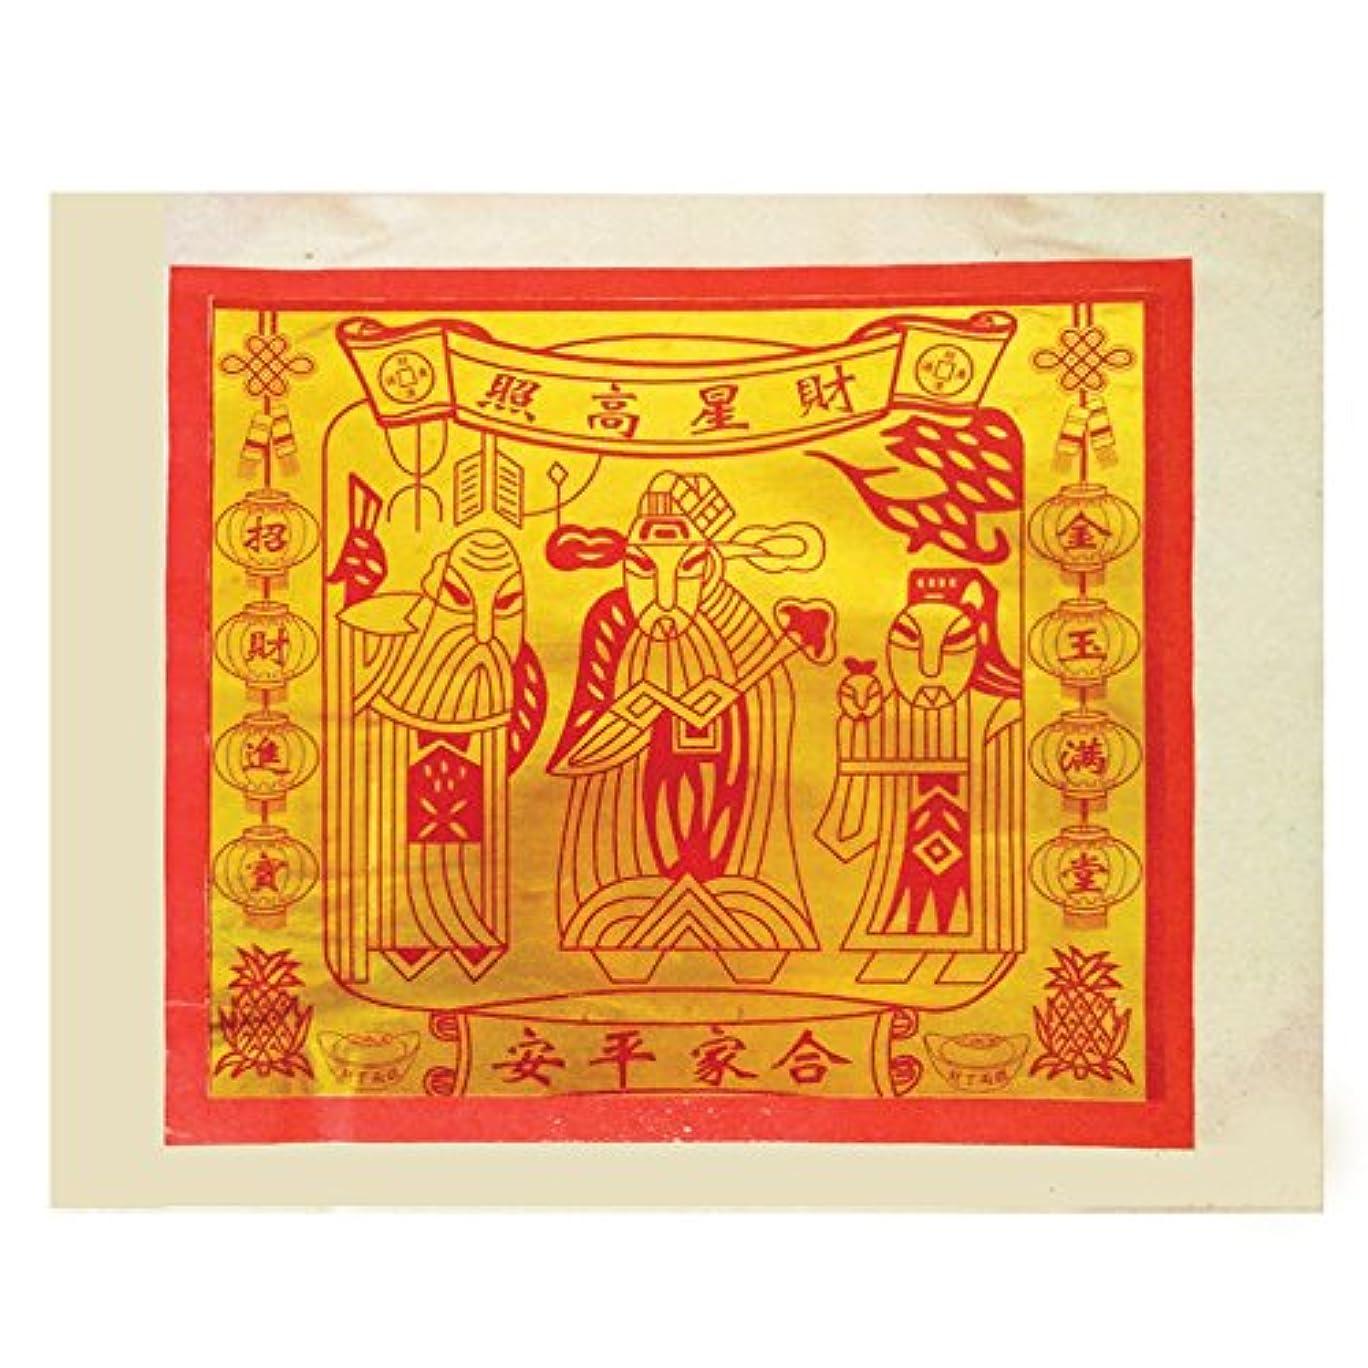 アノイ冬ロマンス80pcs Incense用紙/ Joss用紙with Gold Foil ( Mediumサイズ) 10.6インチx 10.4インチ